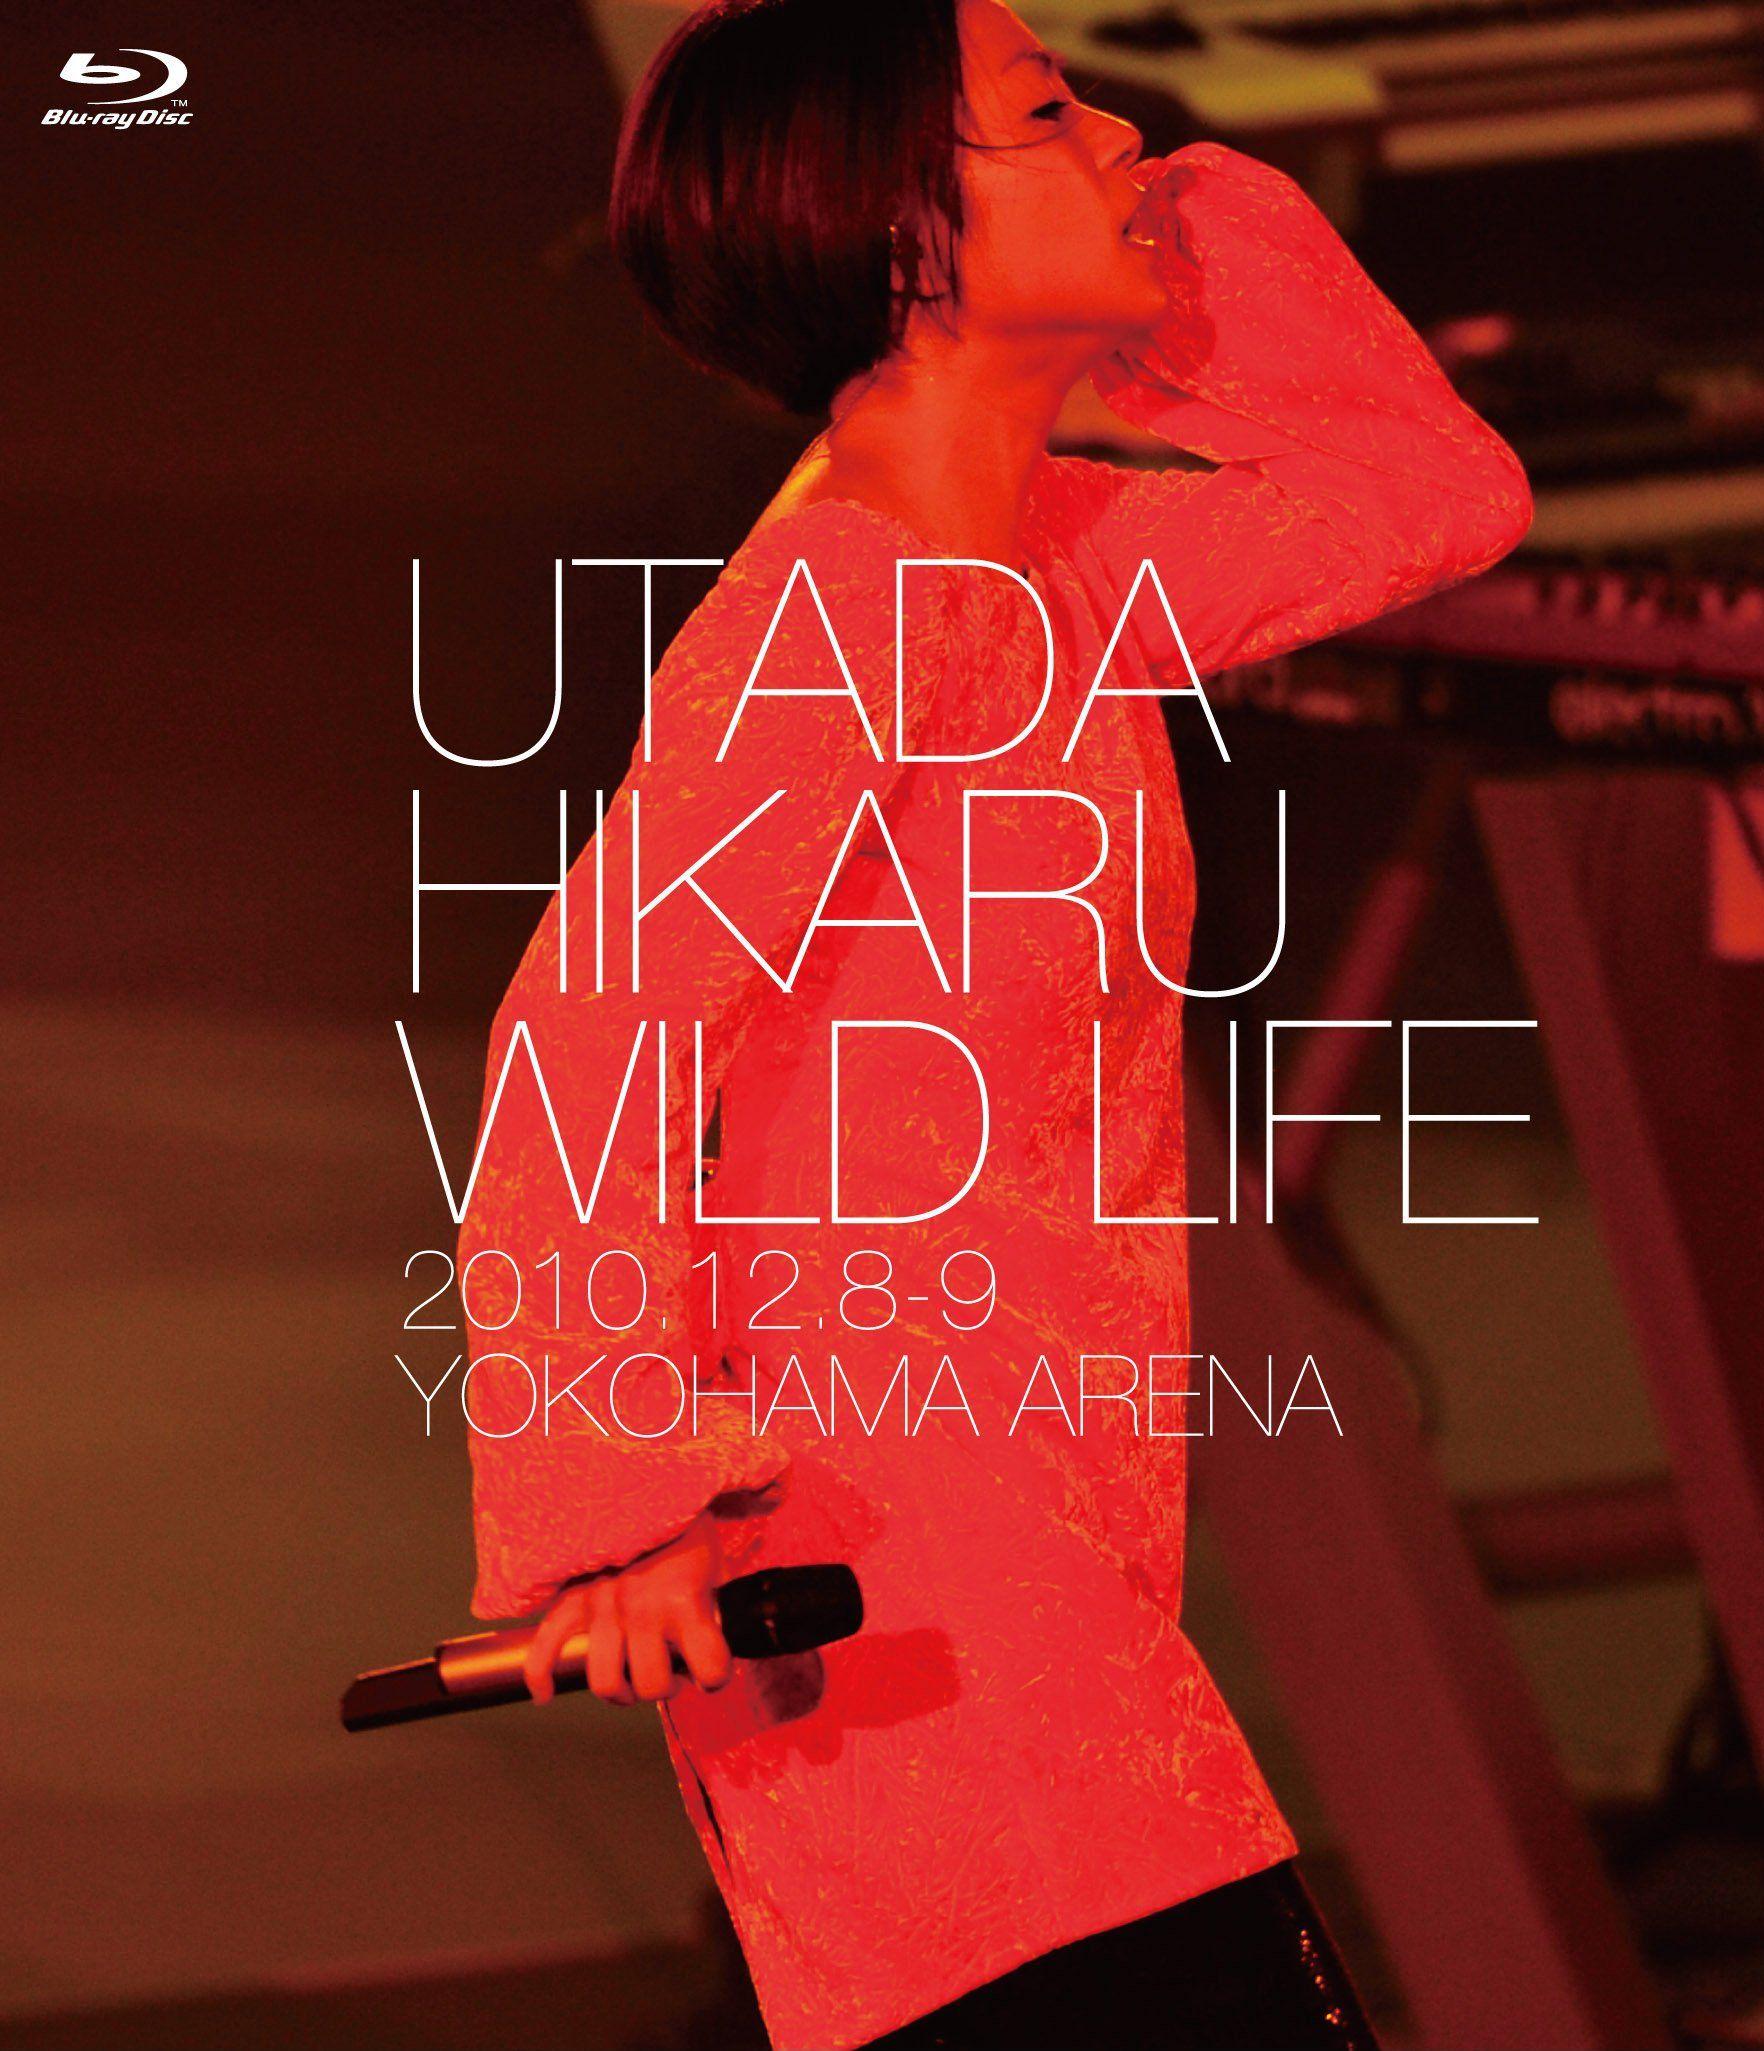 Wild Life - Film (2011)